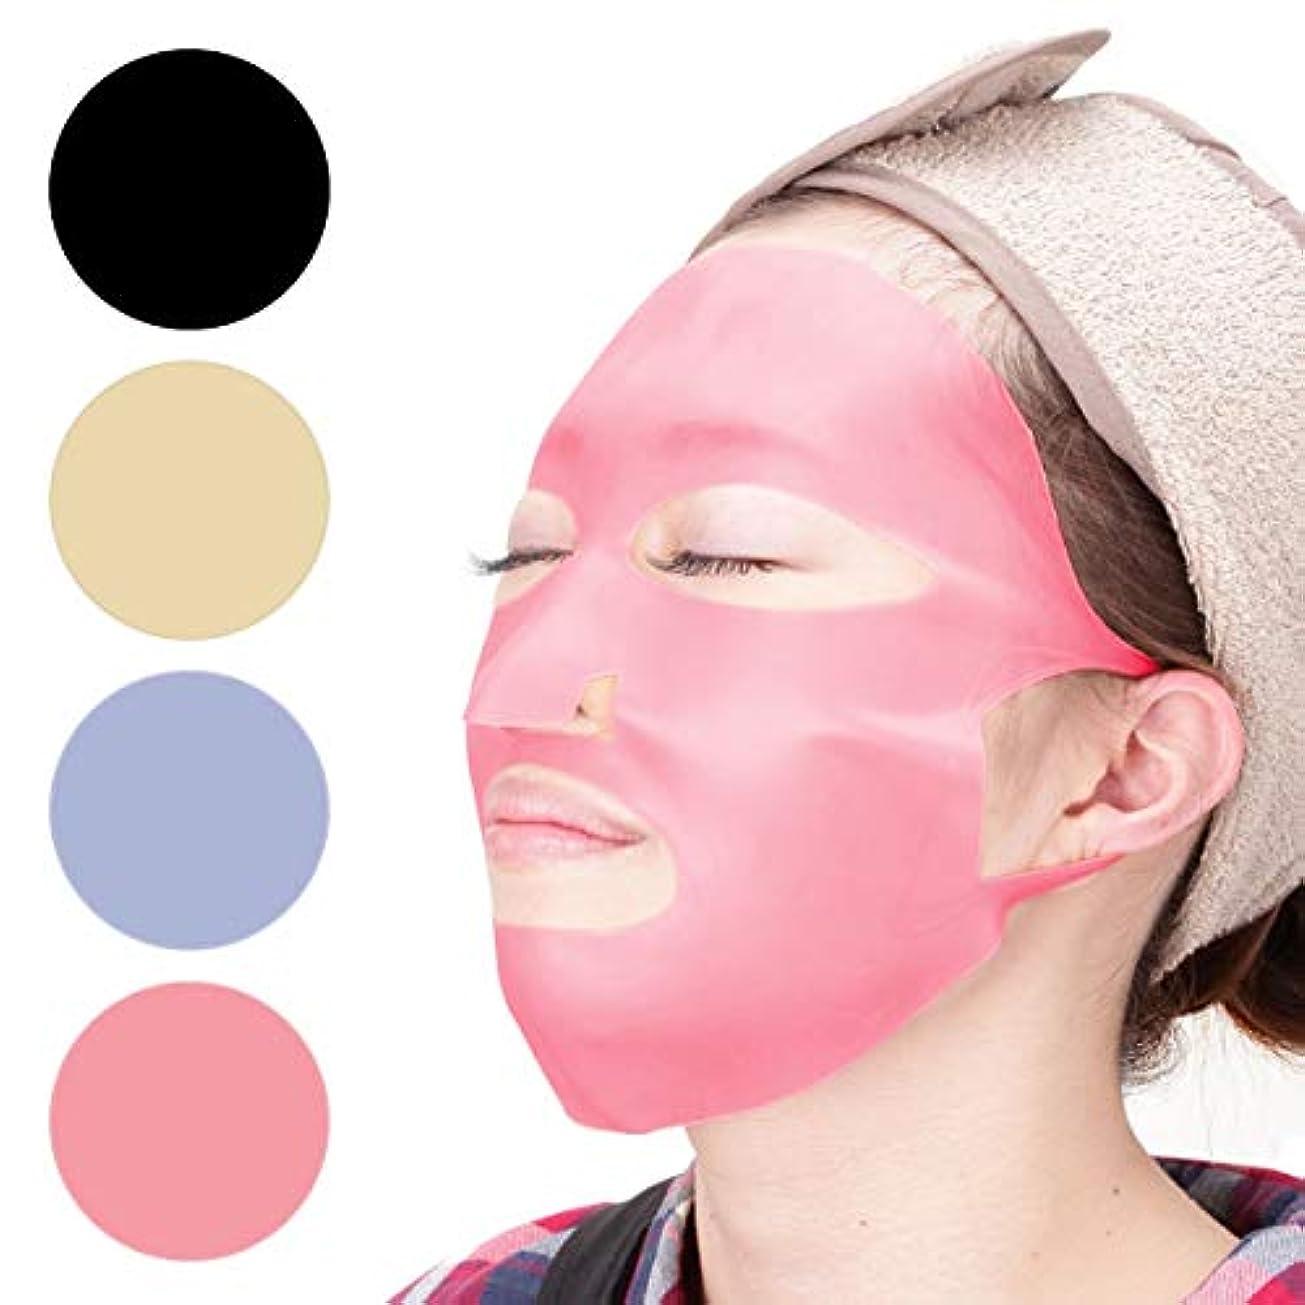 ボーダー検査官音声学< プロズビ > シリコン ホールドマスク 全4色 ピンク [ シリコンマスク シートパック フェイスマスク フェイスシート フェイスパック フェイシャルマスク シートマスク フェイシャルシート フェイシャルパック 顔パック ]